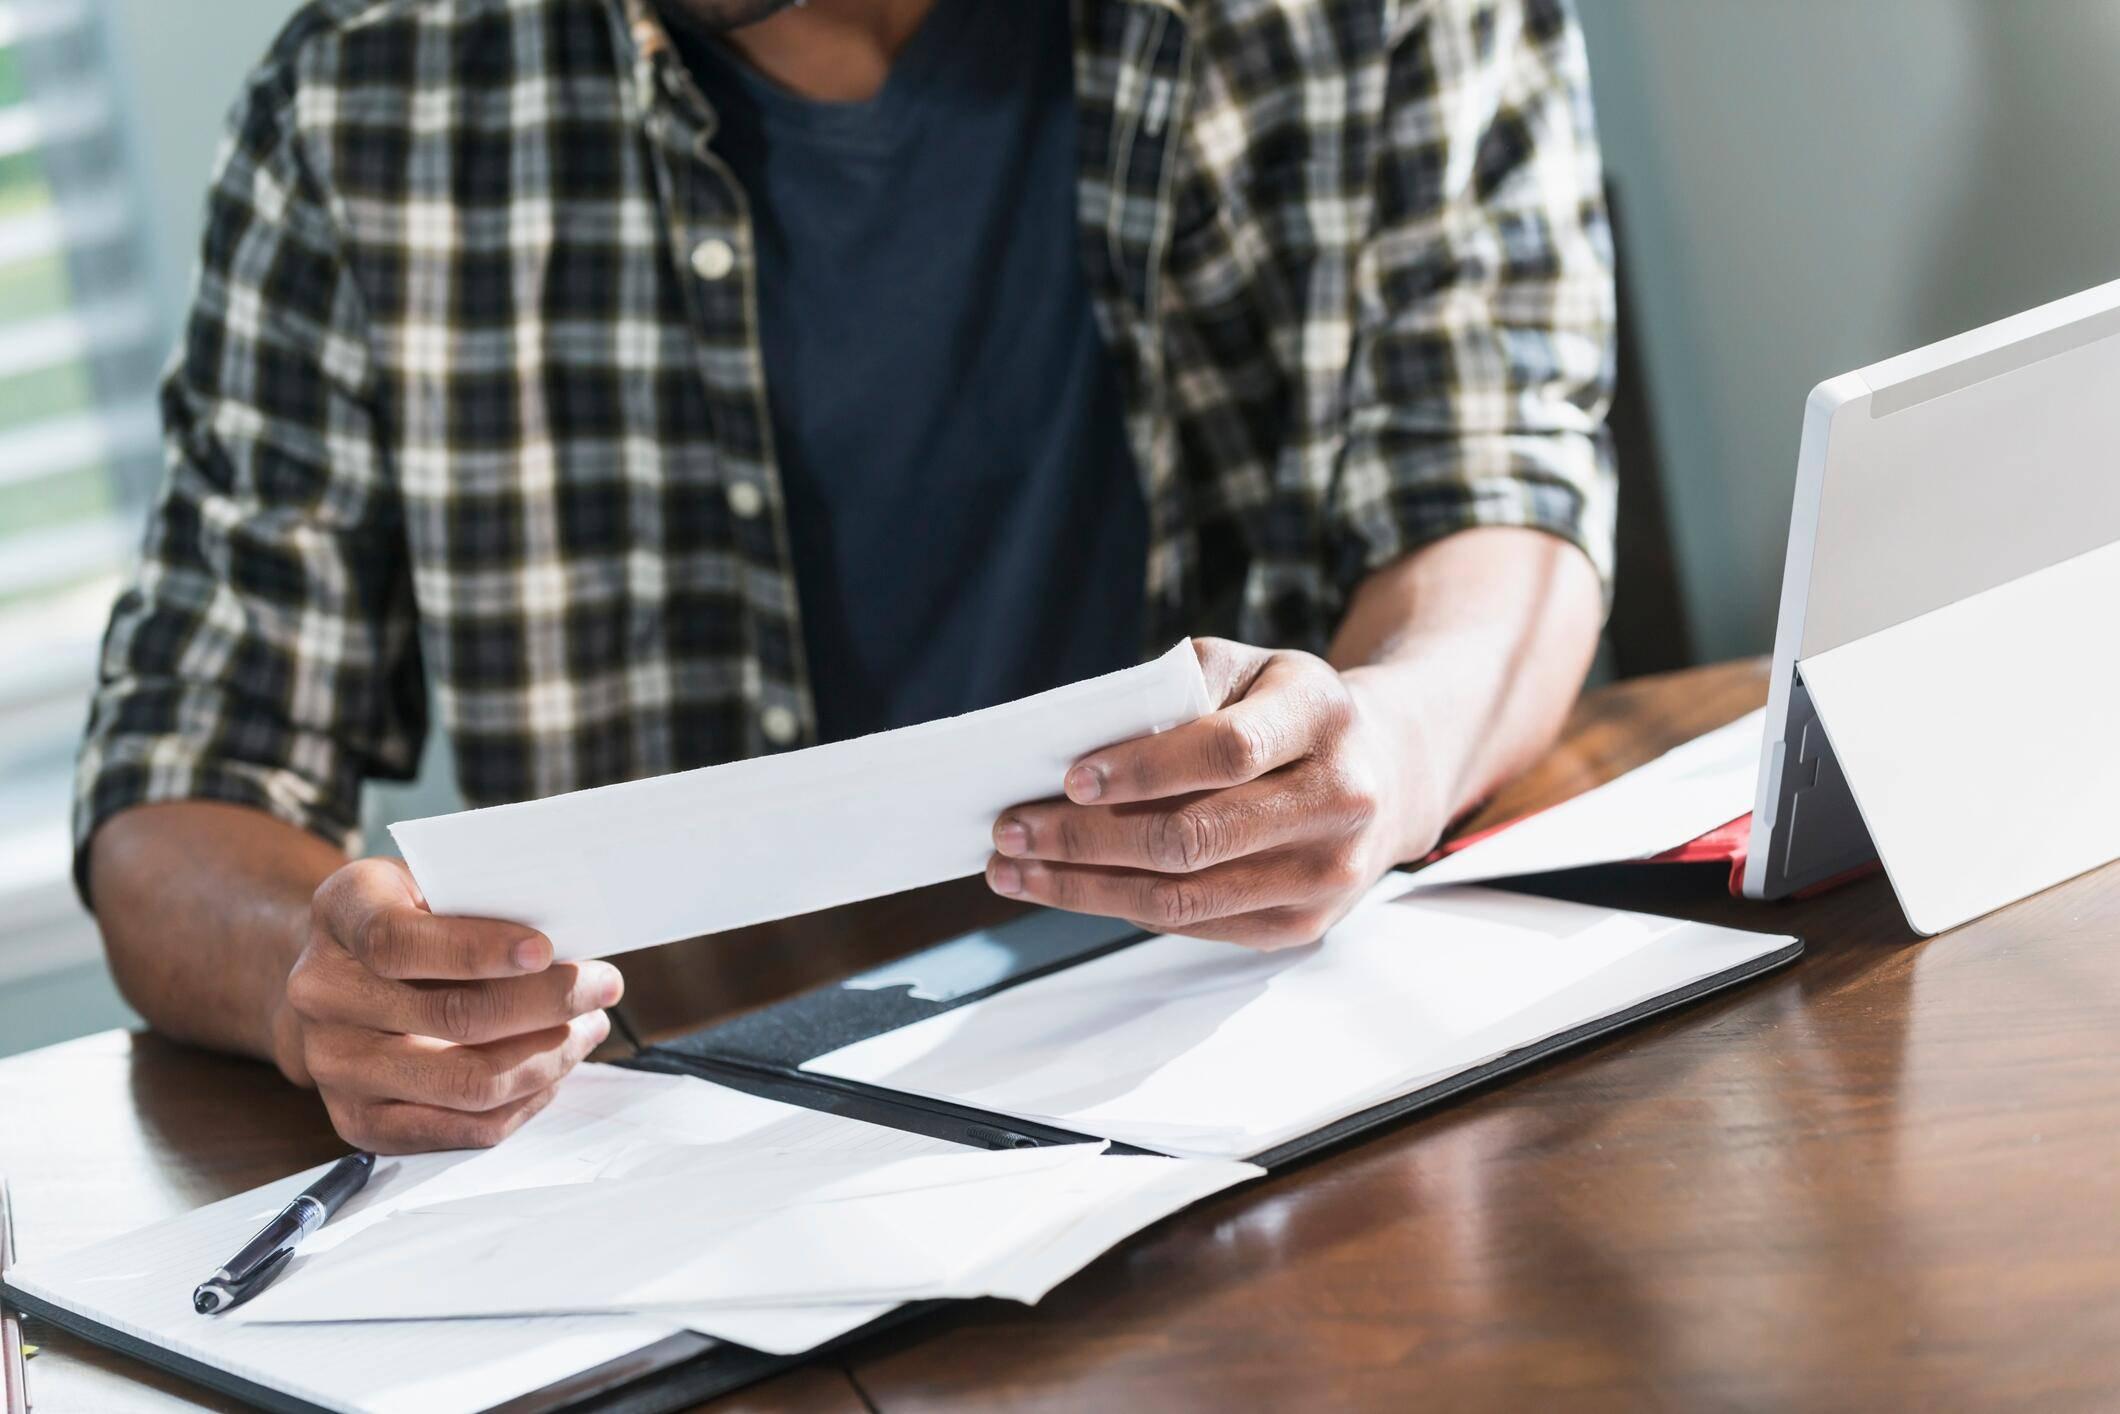 Adressänderung Beim Finanzamt Wer Ist Nach Dem Umzug Zuständig